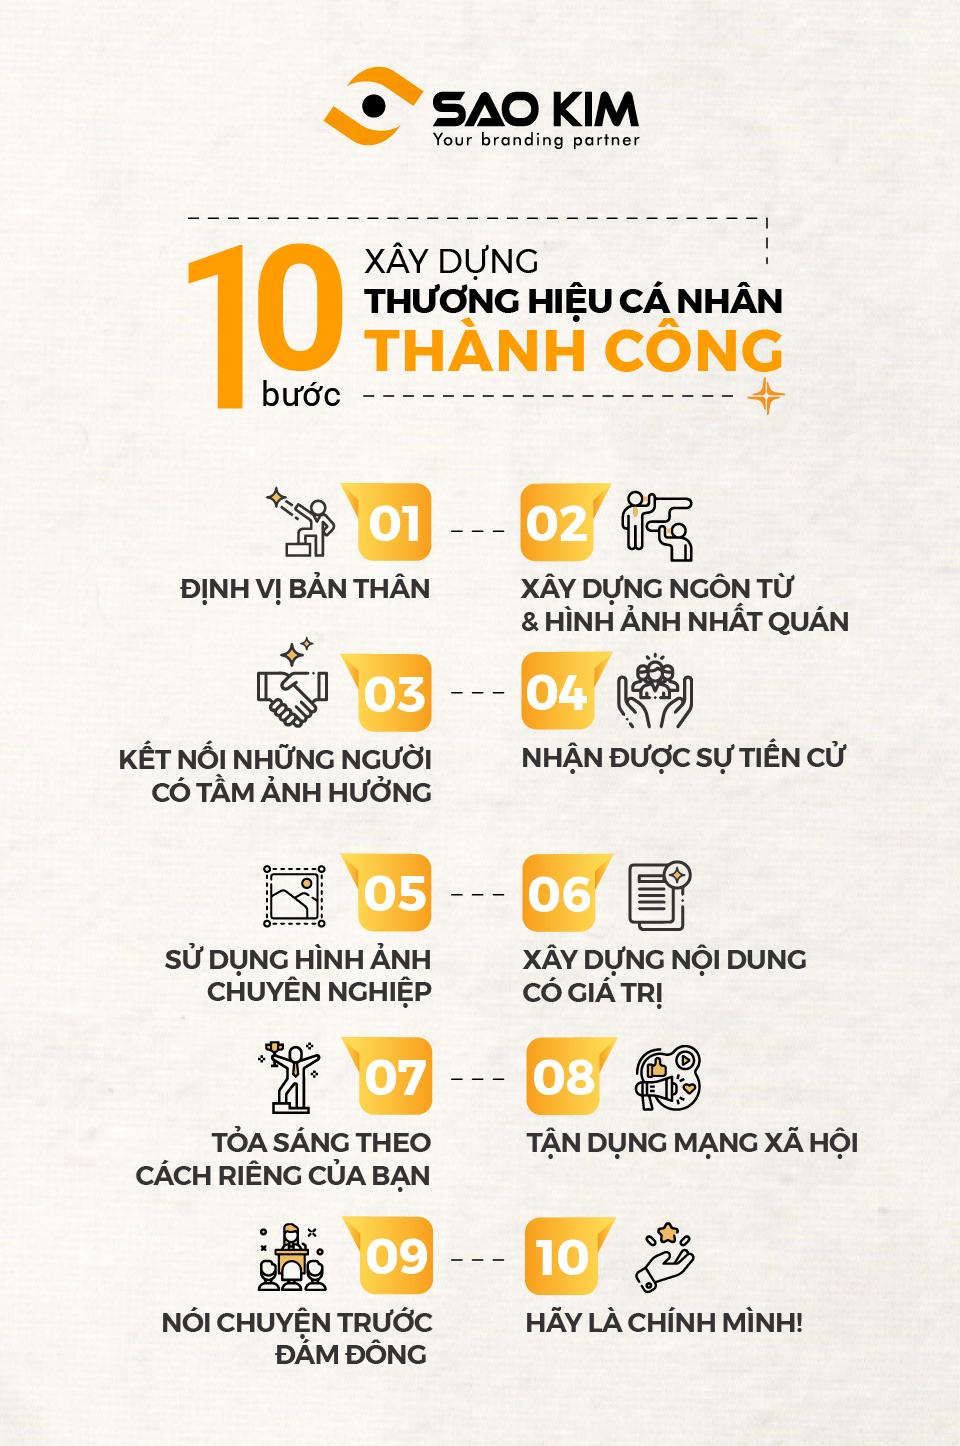 10 BUOC XD-thuong-hieu-ca-nhan-12